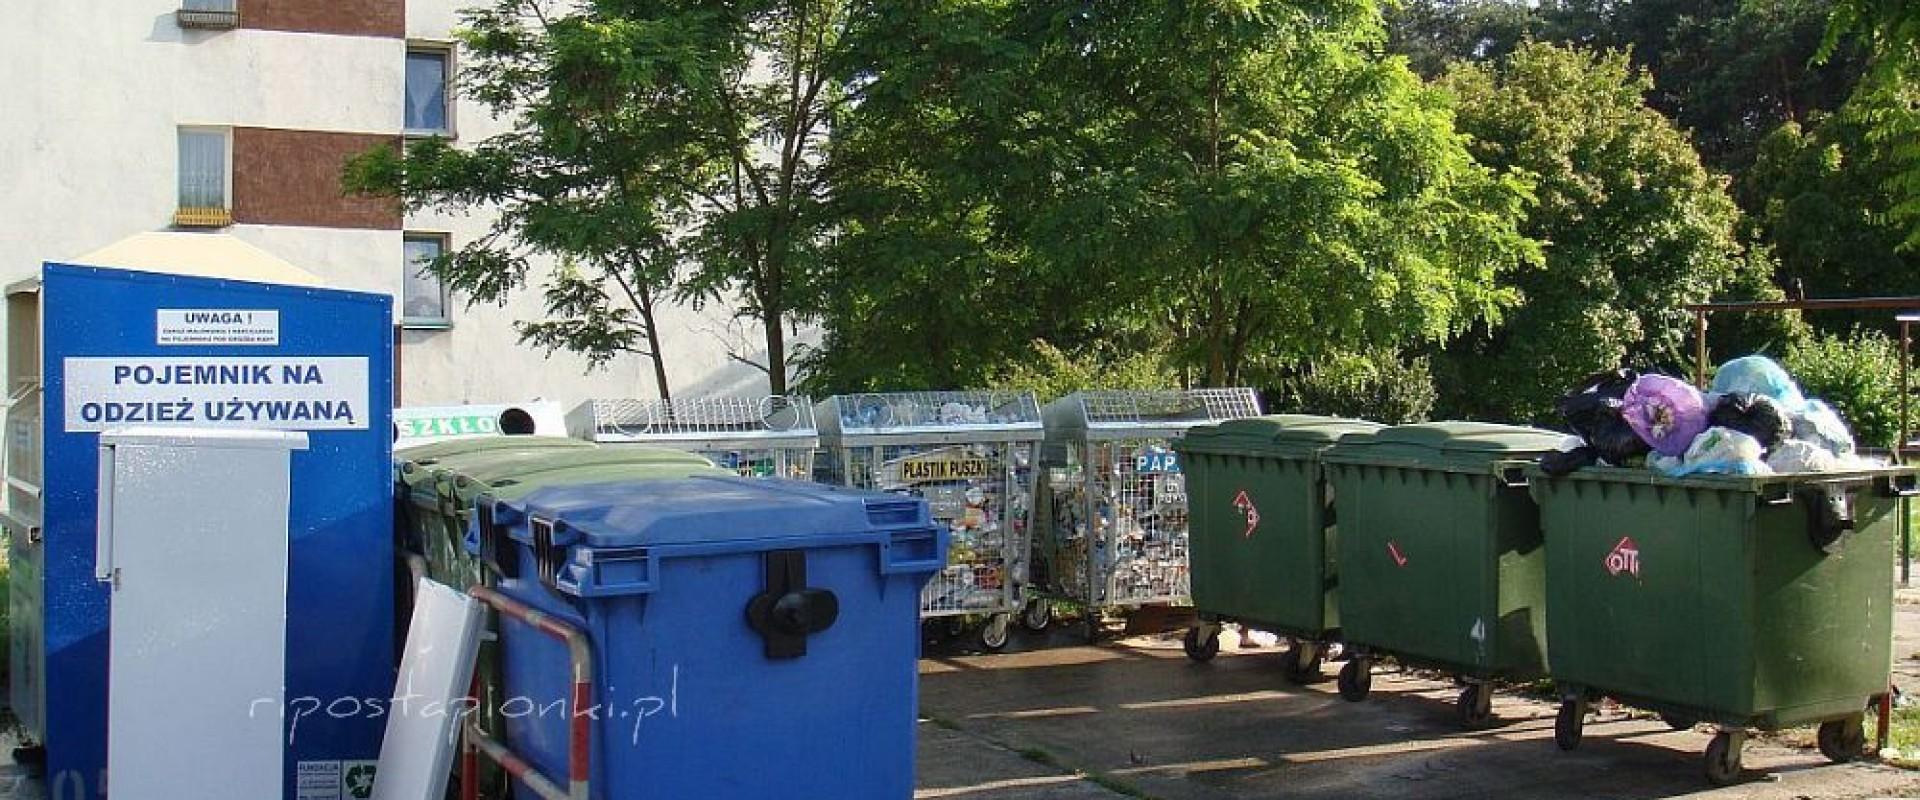 Konieczna podwyżka za odbiór odpadów komunalnych